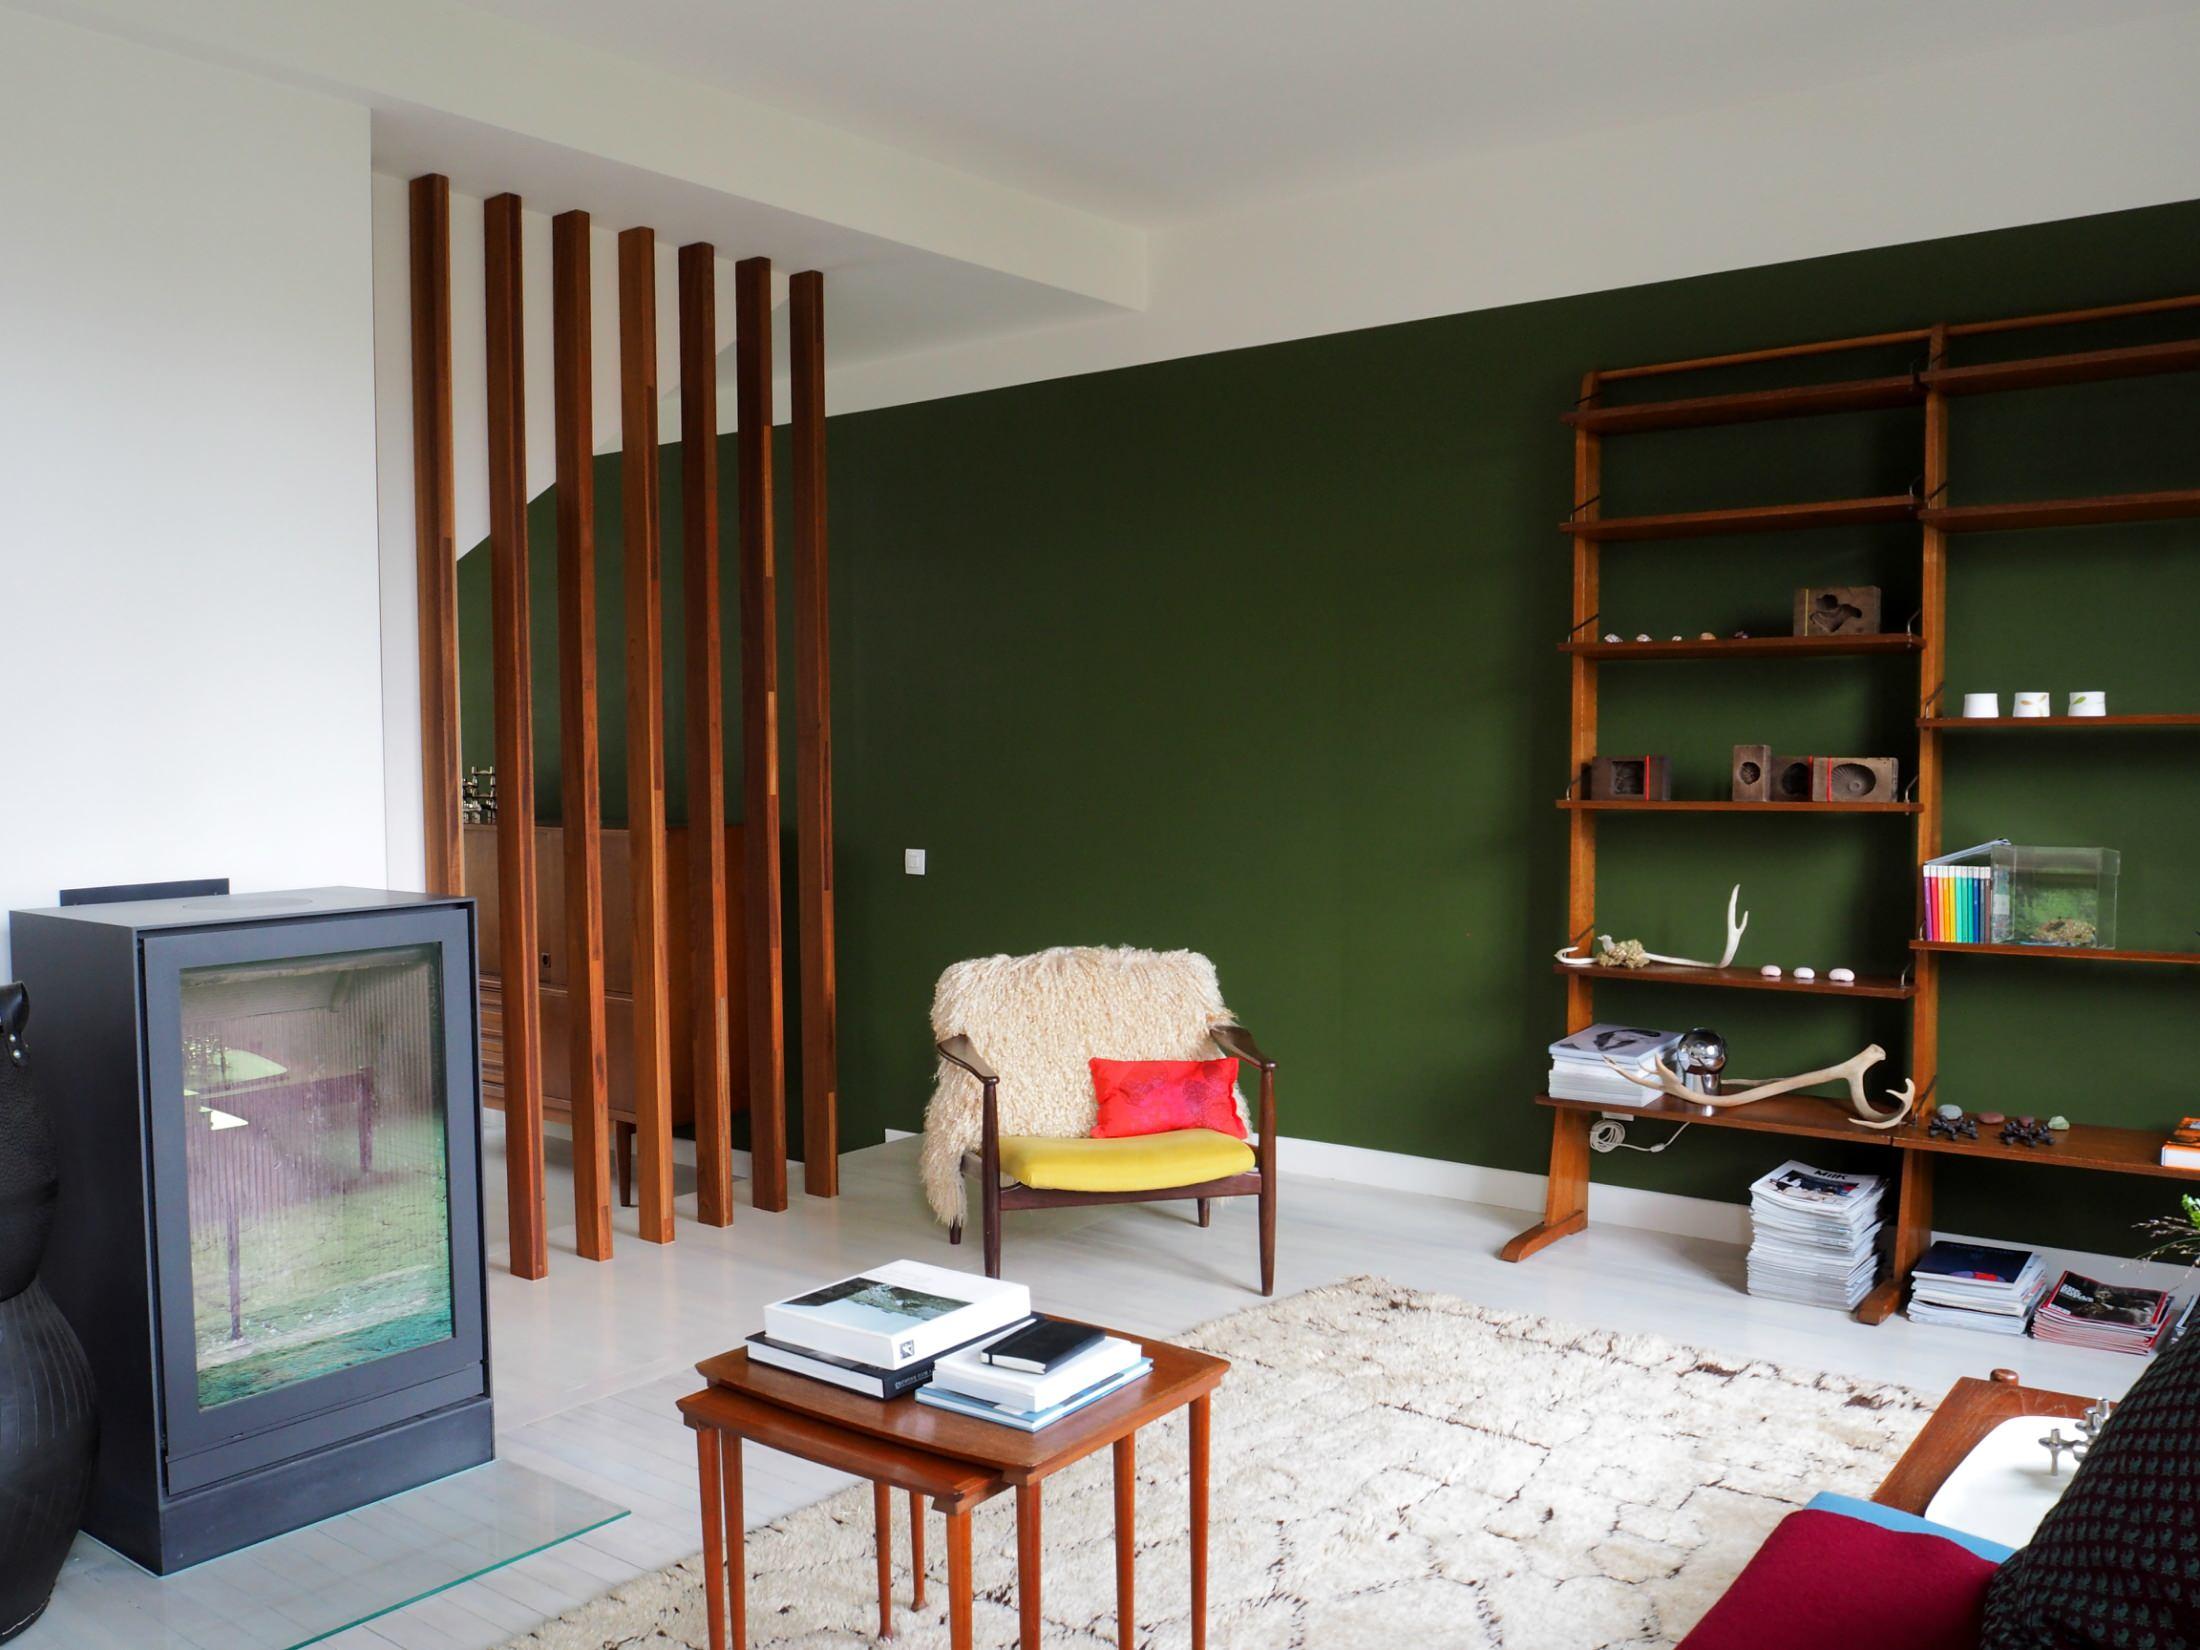 Maison PU - Rénovation d'une maison individuelle